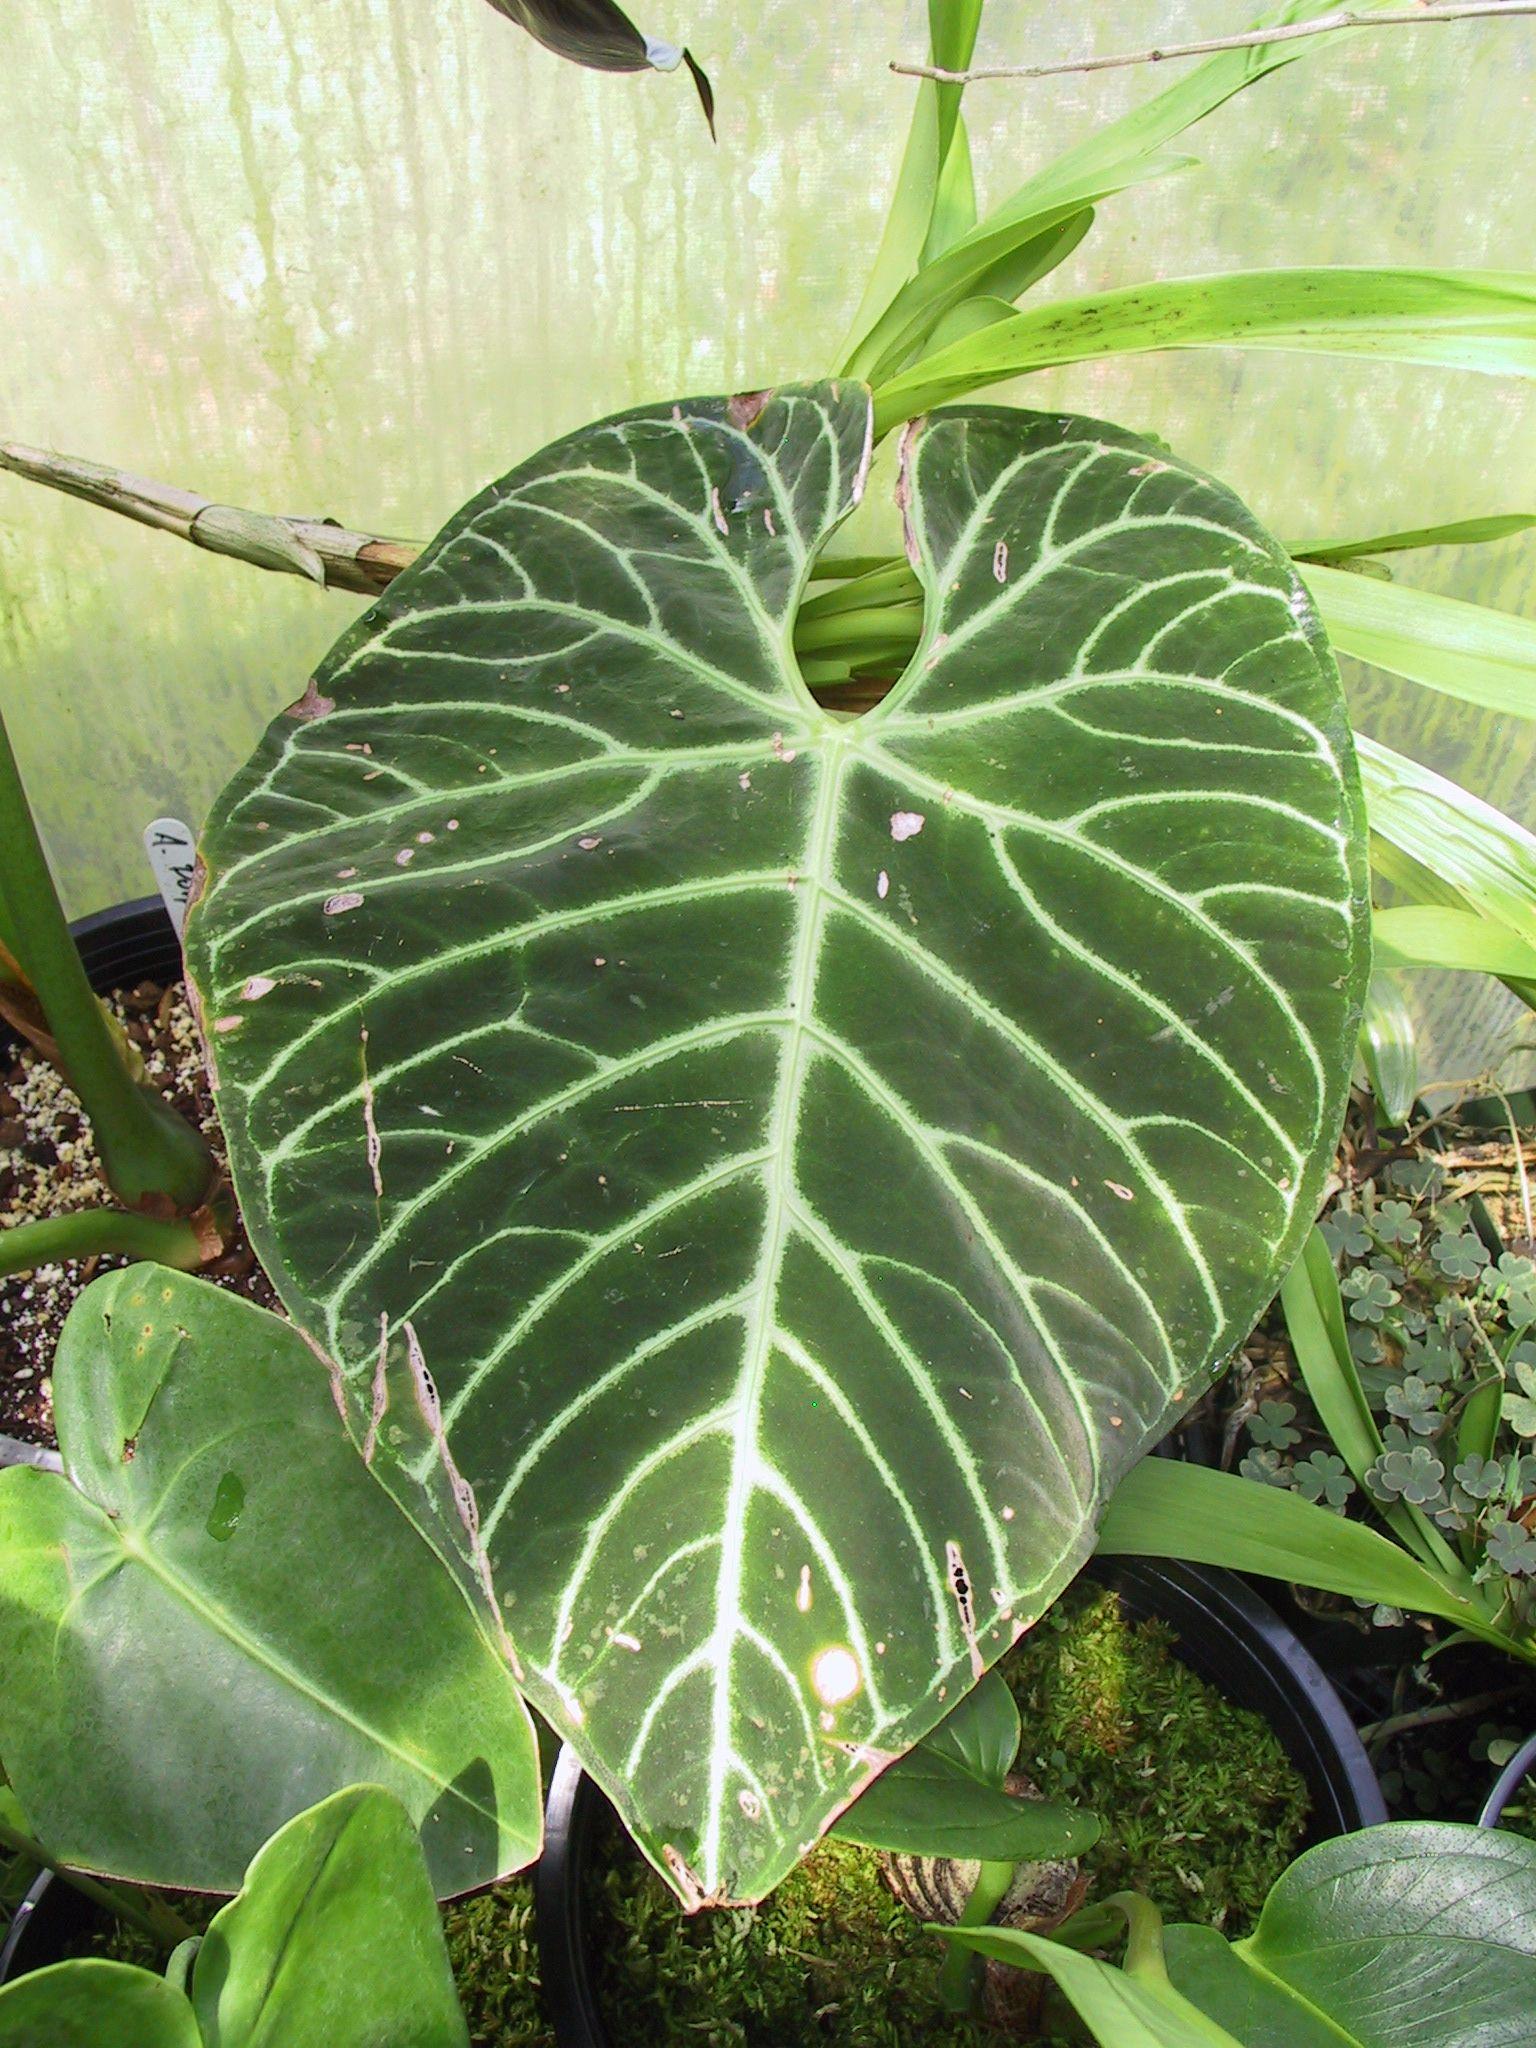 http://home.sandiego.edu/~kaufmann/aroids/anthurium/Anthurium_regale_01_vertical.jpg